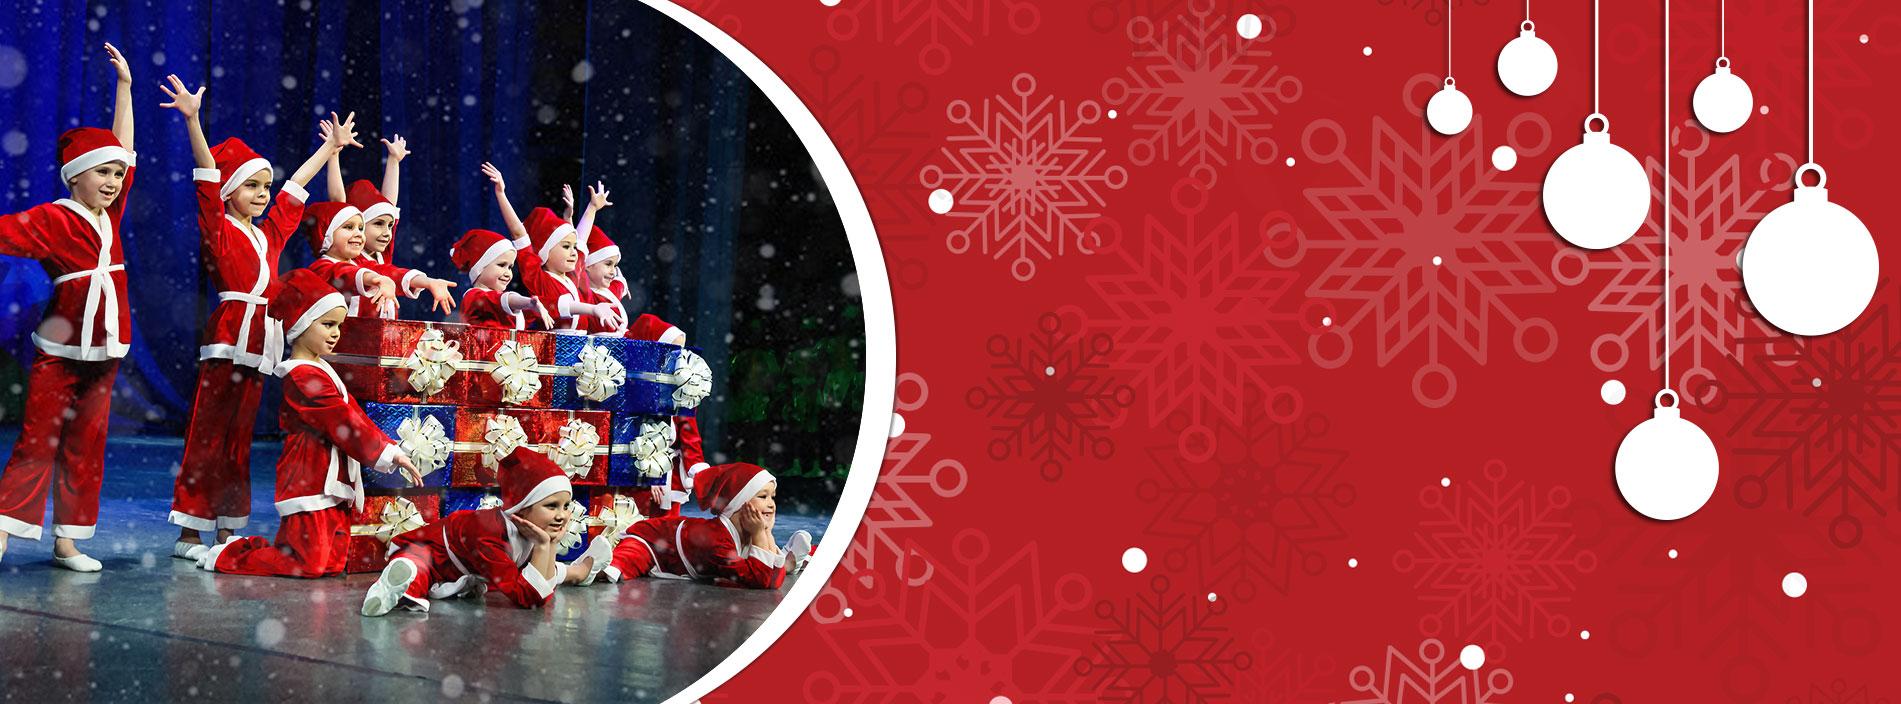 kinder-weihnachtsfest-slider_1